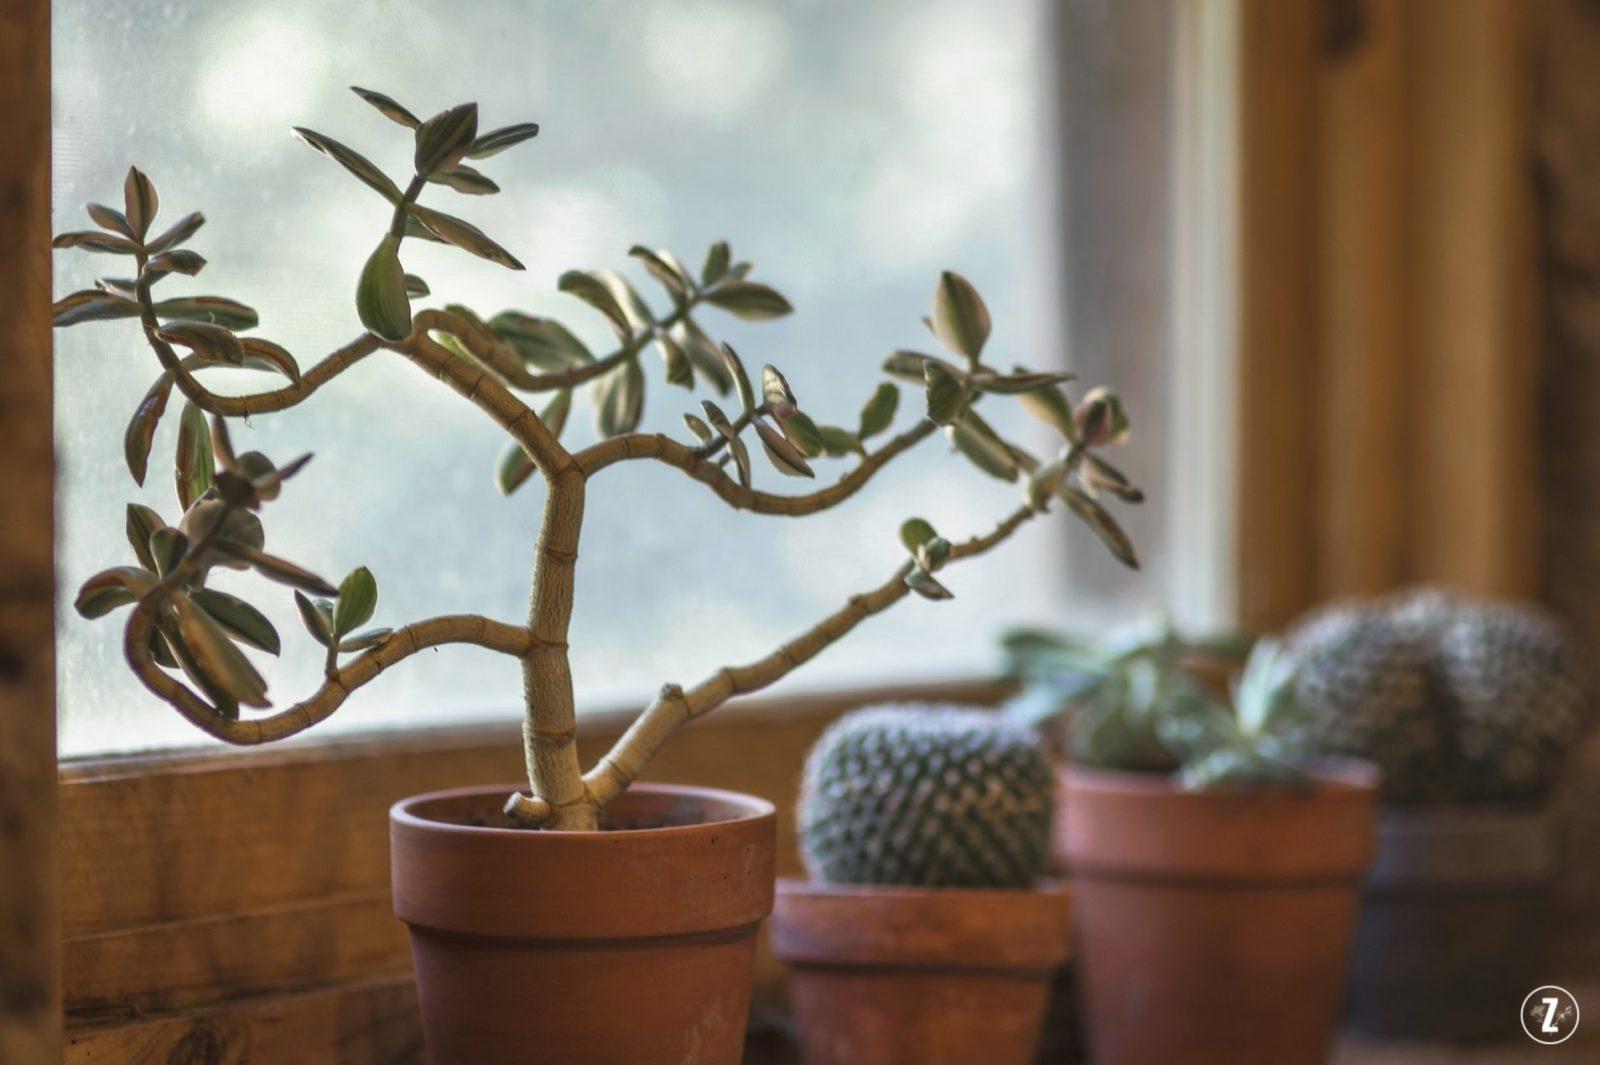 adopcja roslin, epipremnum zlociste, grubosz, nefrolepis, PictureThis, pierwsza roślina, projekt rosliny, roslinne porady, zielistka sternberga, zazieleni, blog